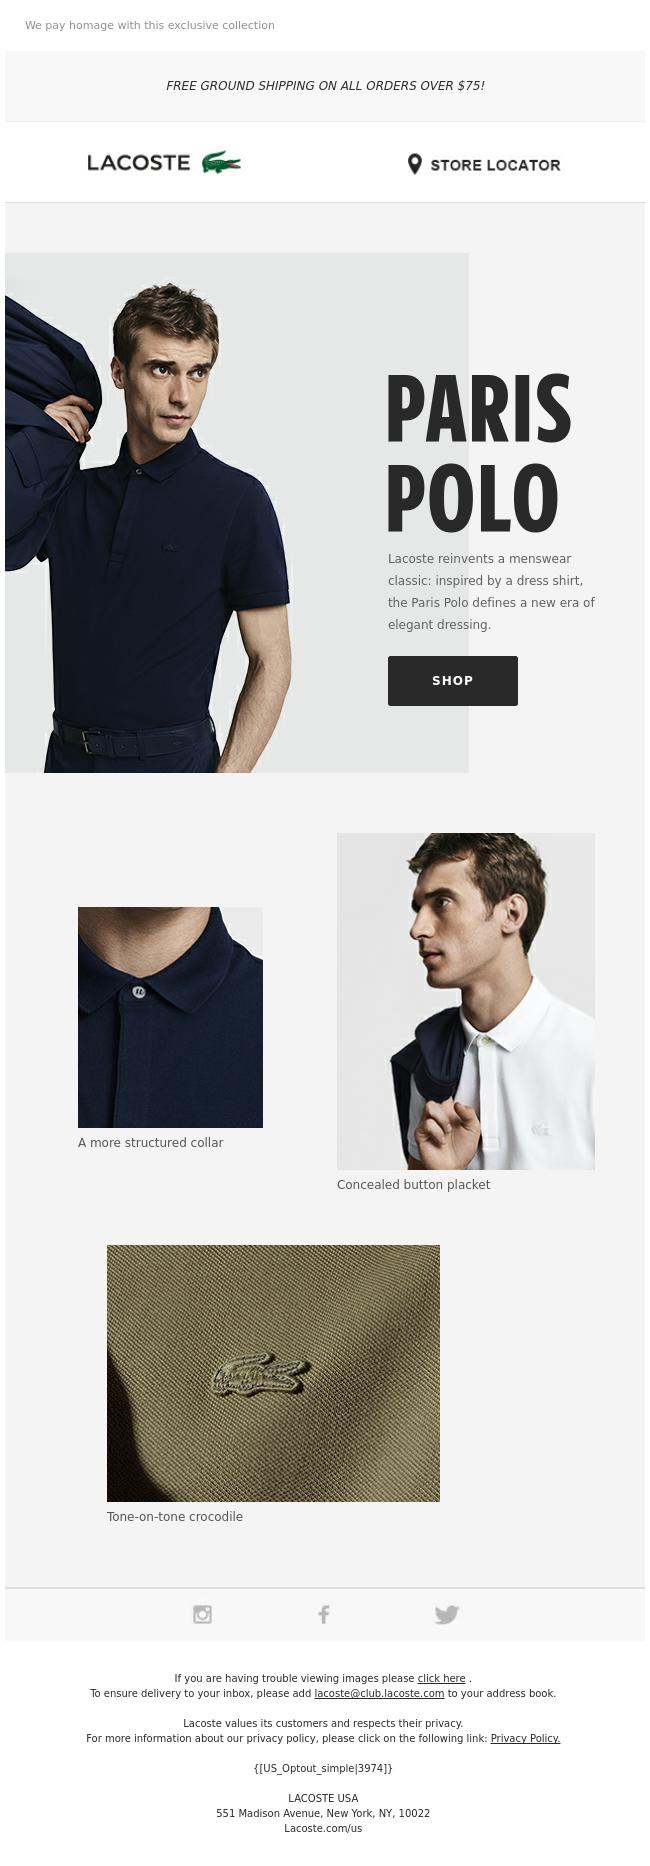 Paris Polo Launch Email